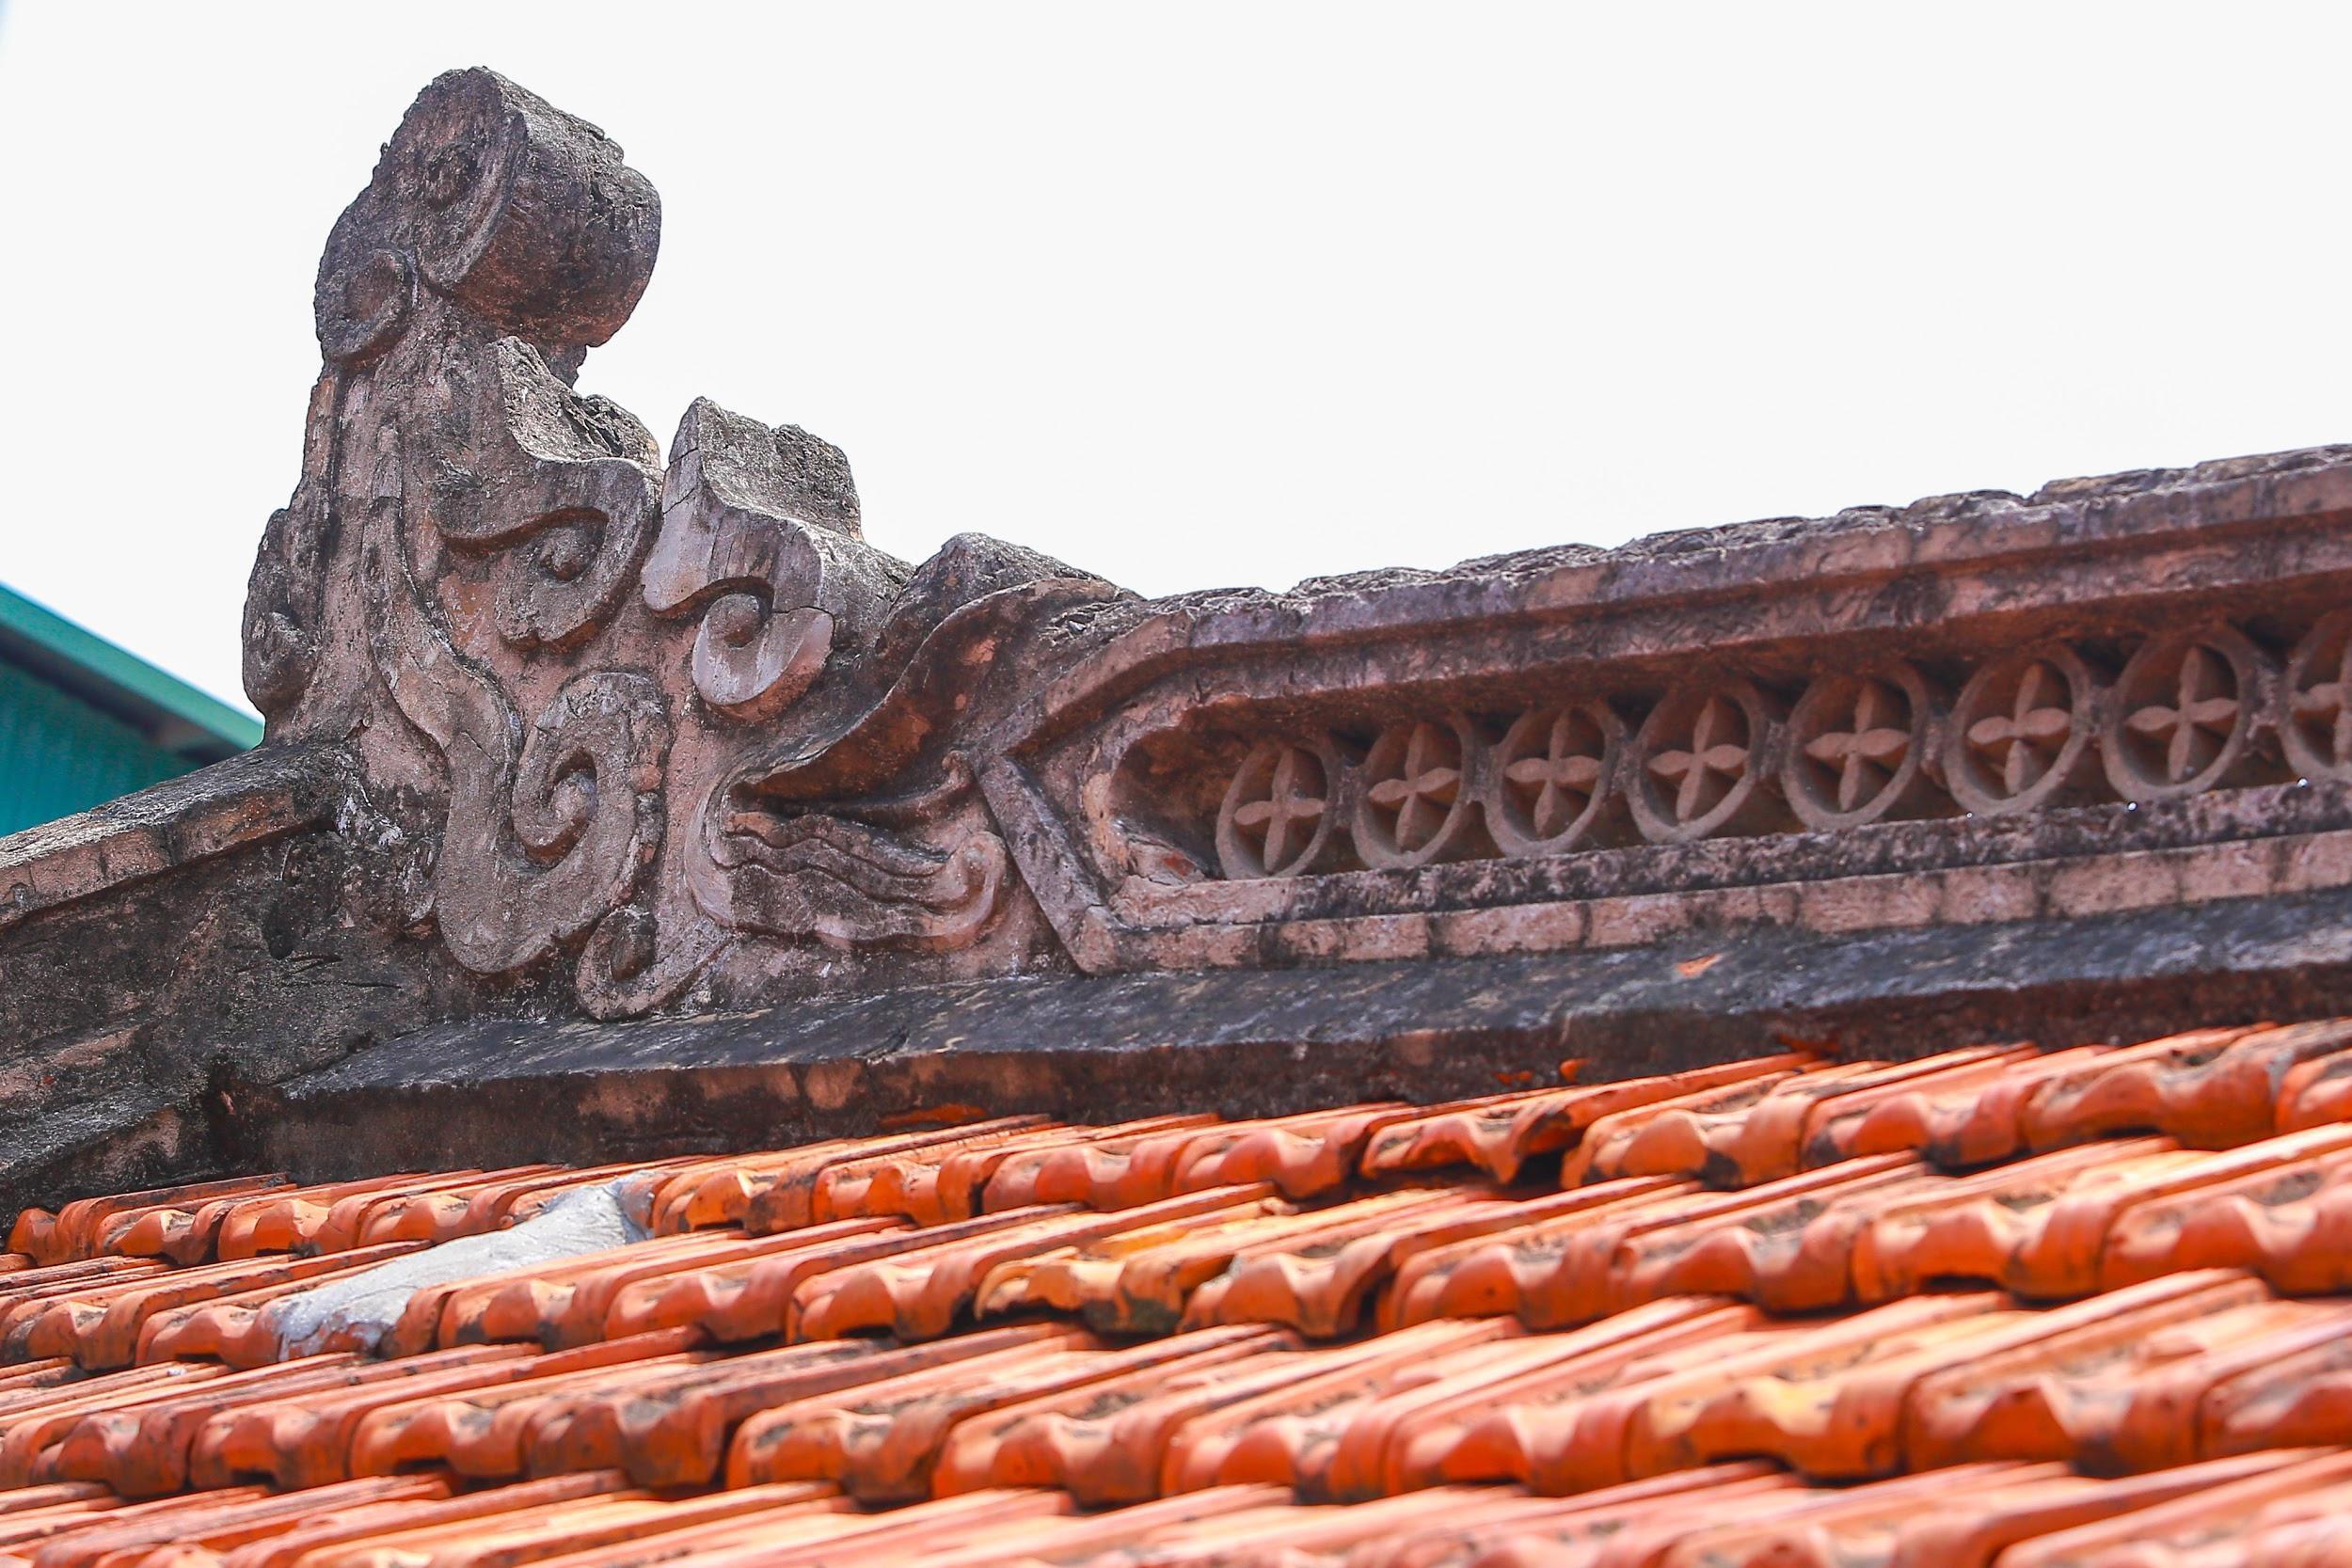 Biệt thự vườn rộng 700m2 của đại gia kim hoàn phố cổ Hà Nội một thời - 11